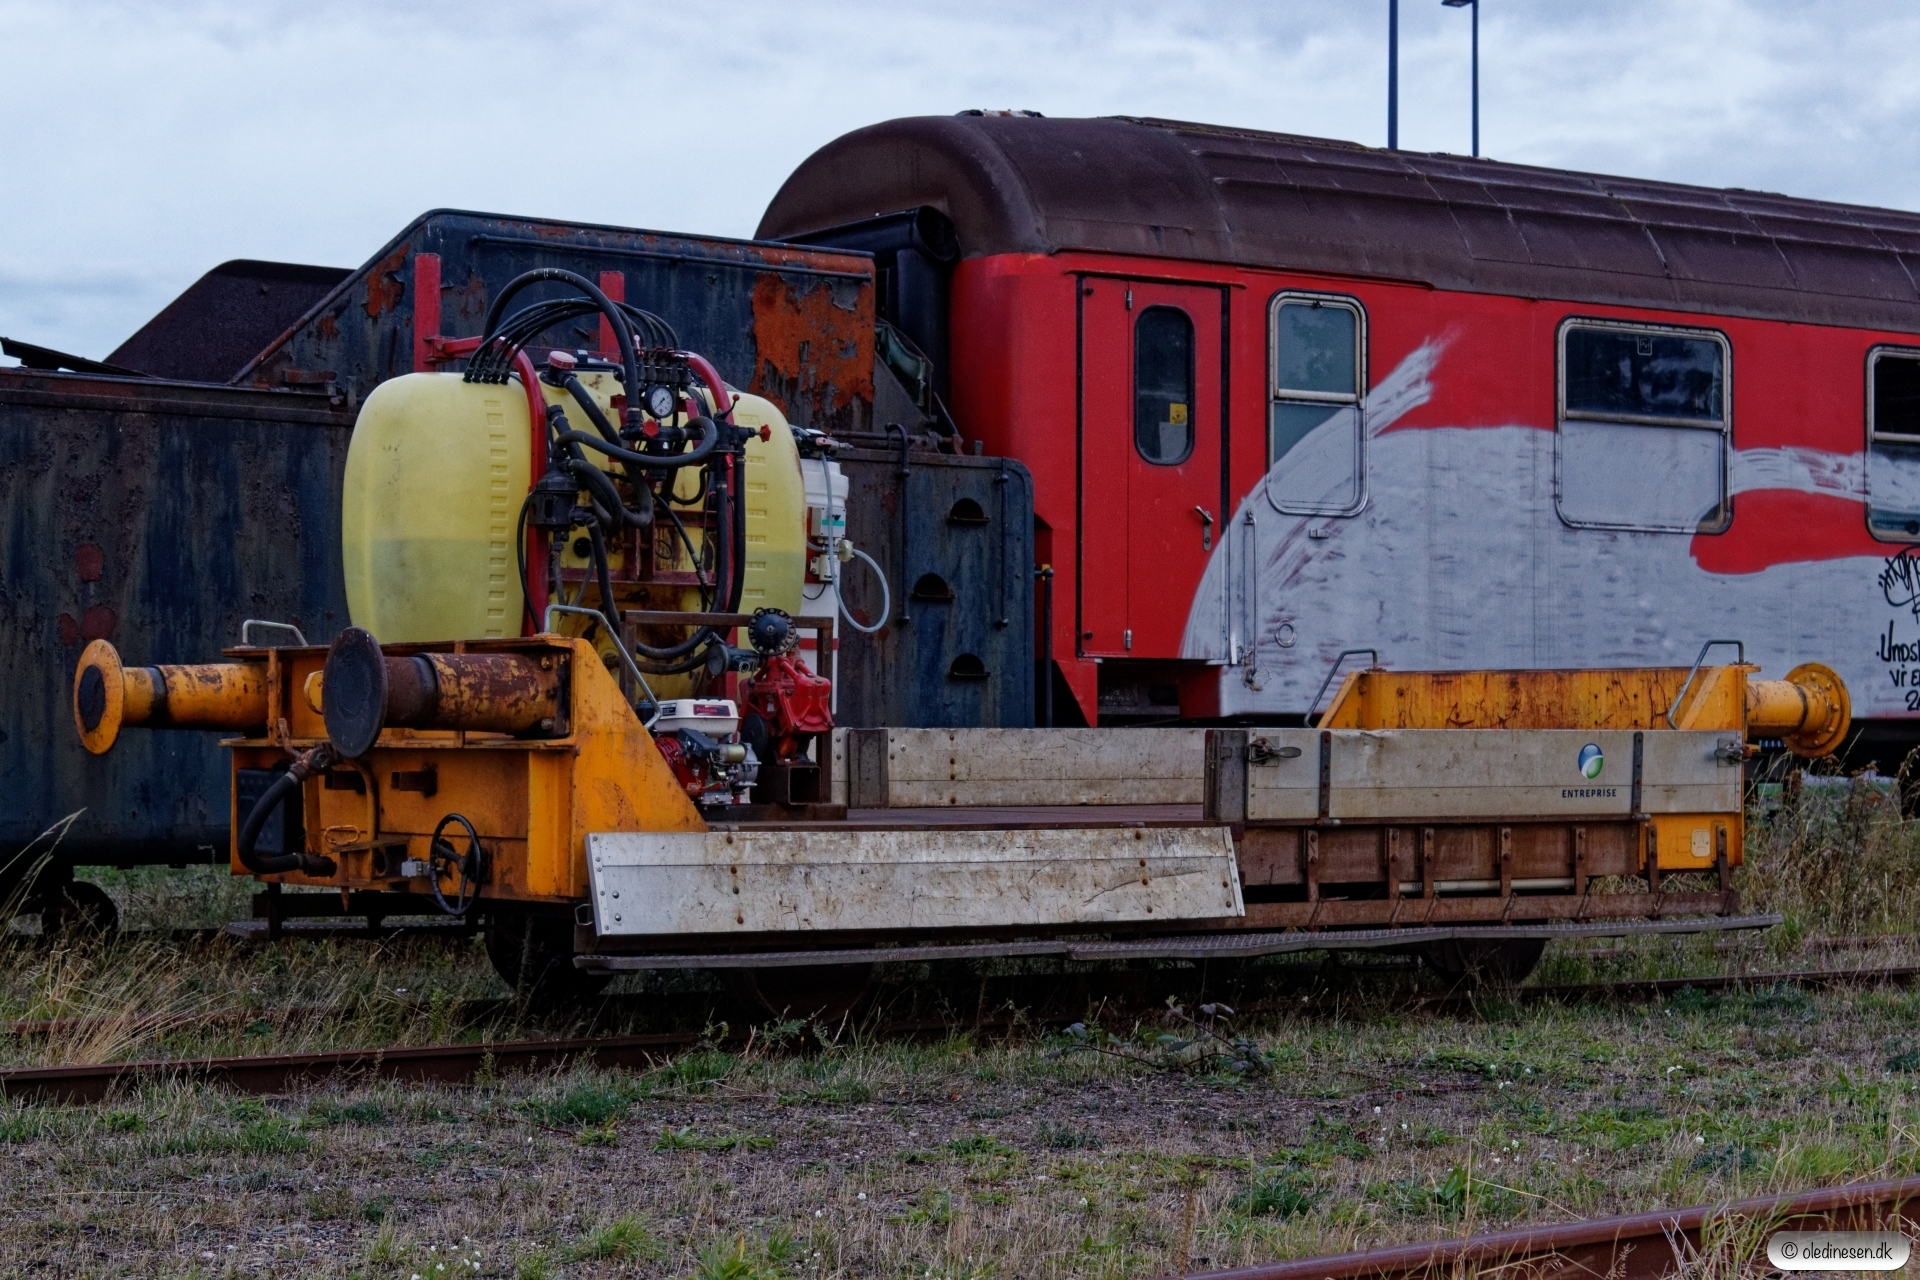 ENT Troljevogn 44a. Gedser 30.09.2018.